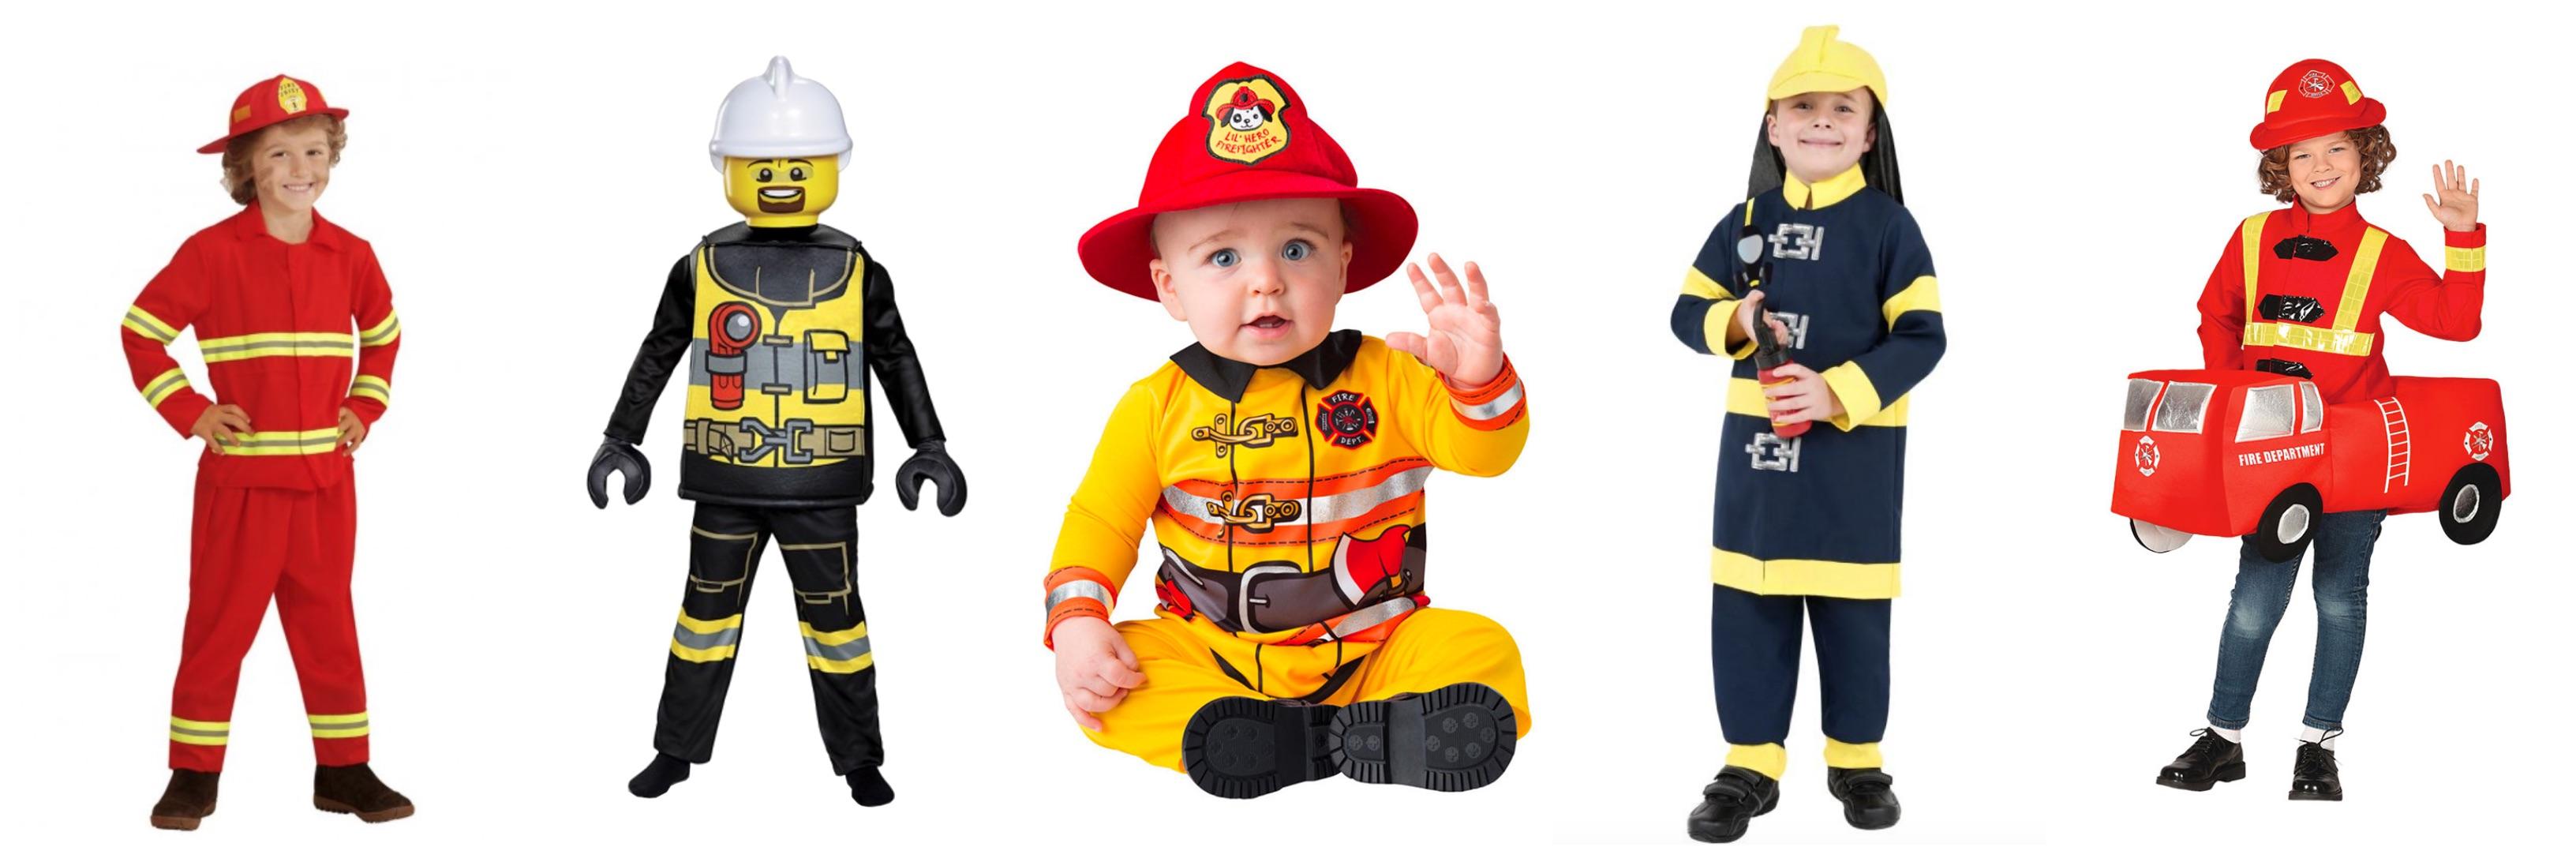 brandmand kostume til børn - KostumeUniverset